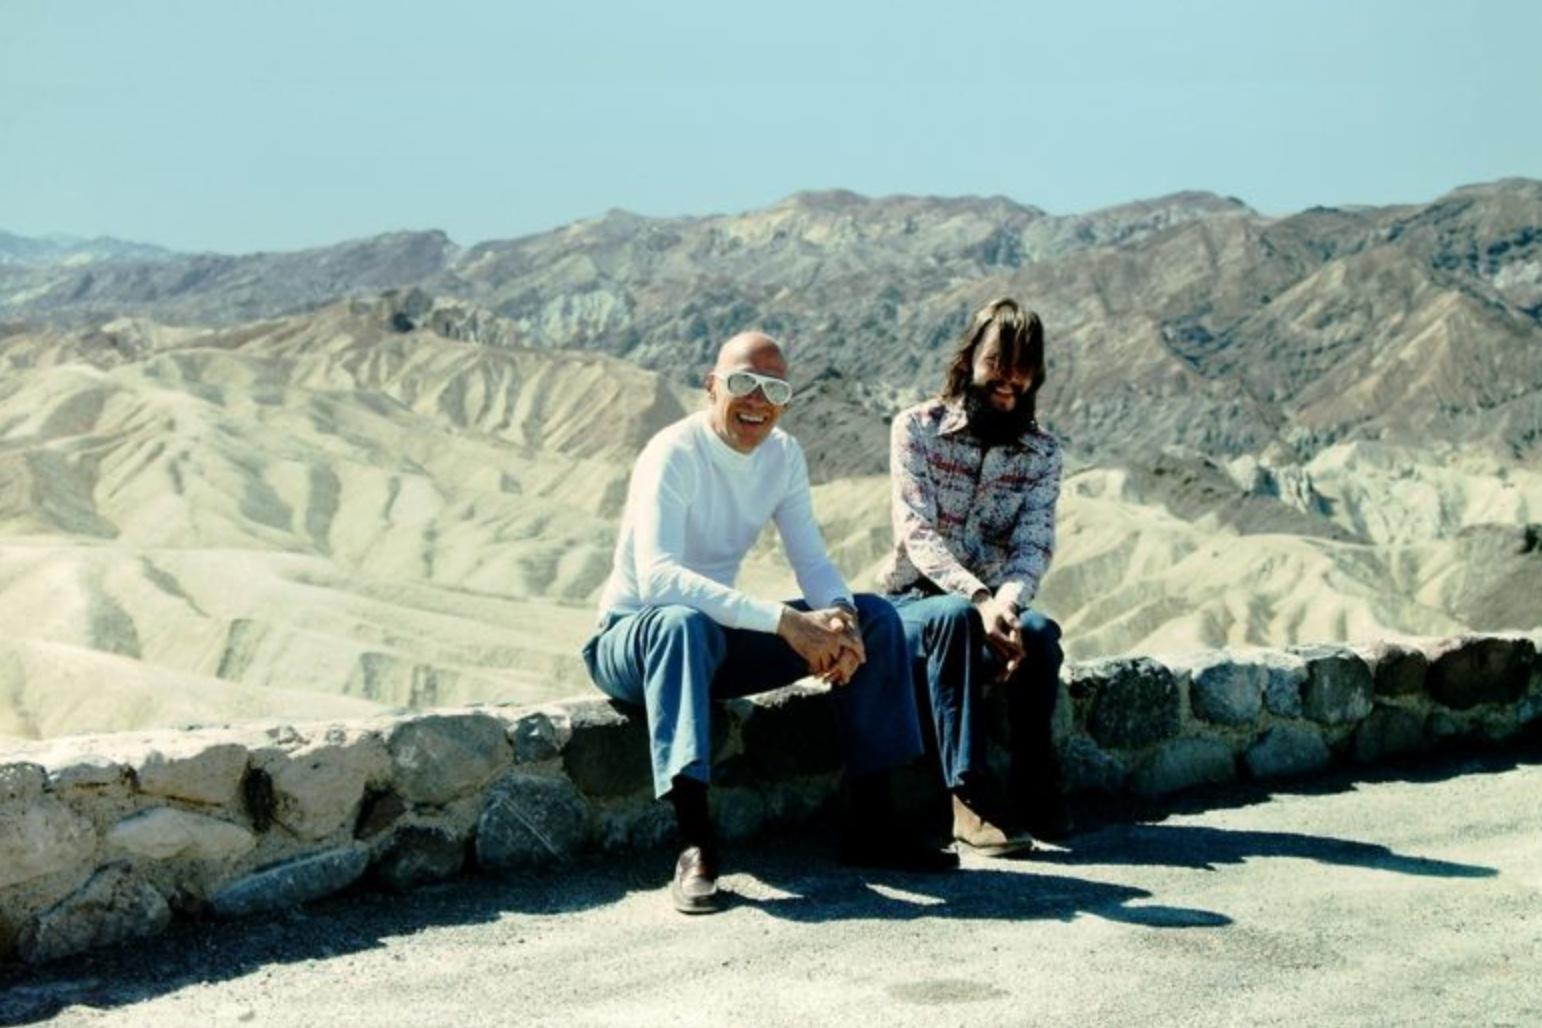 Michel Foucault en Californie: «J'ai parfois l'impression d'être une vedette»